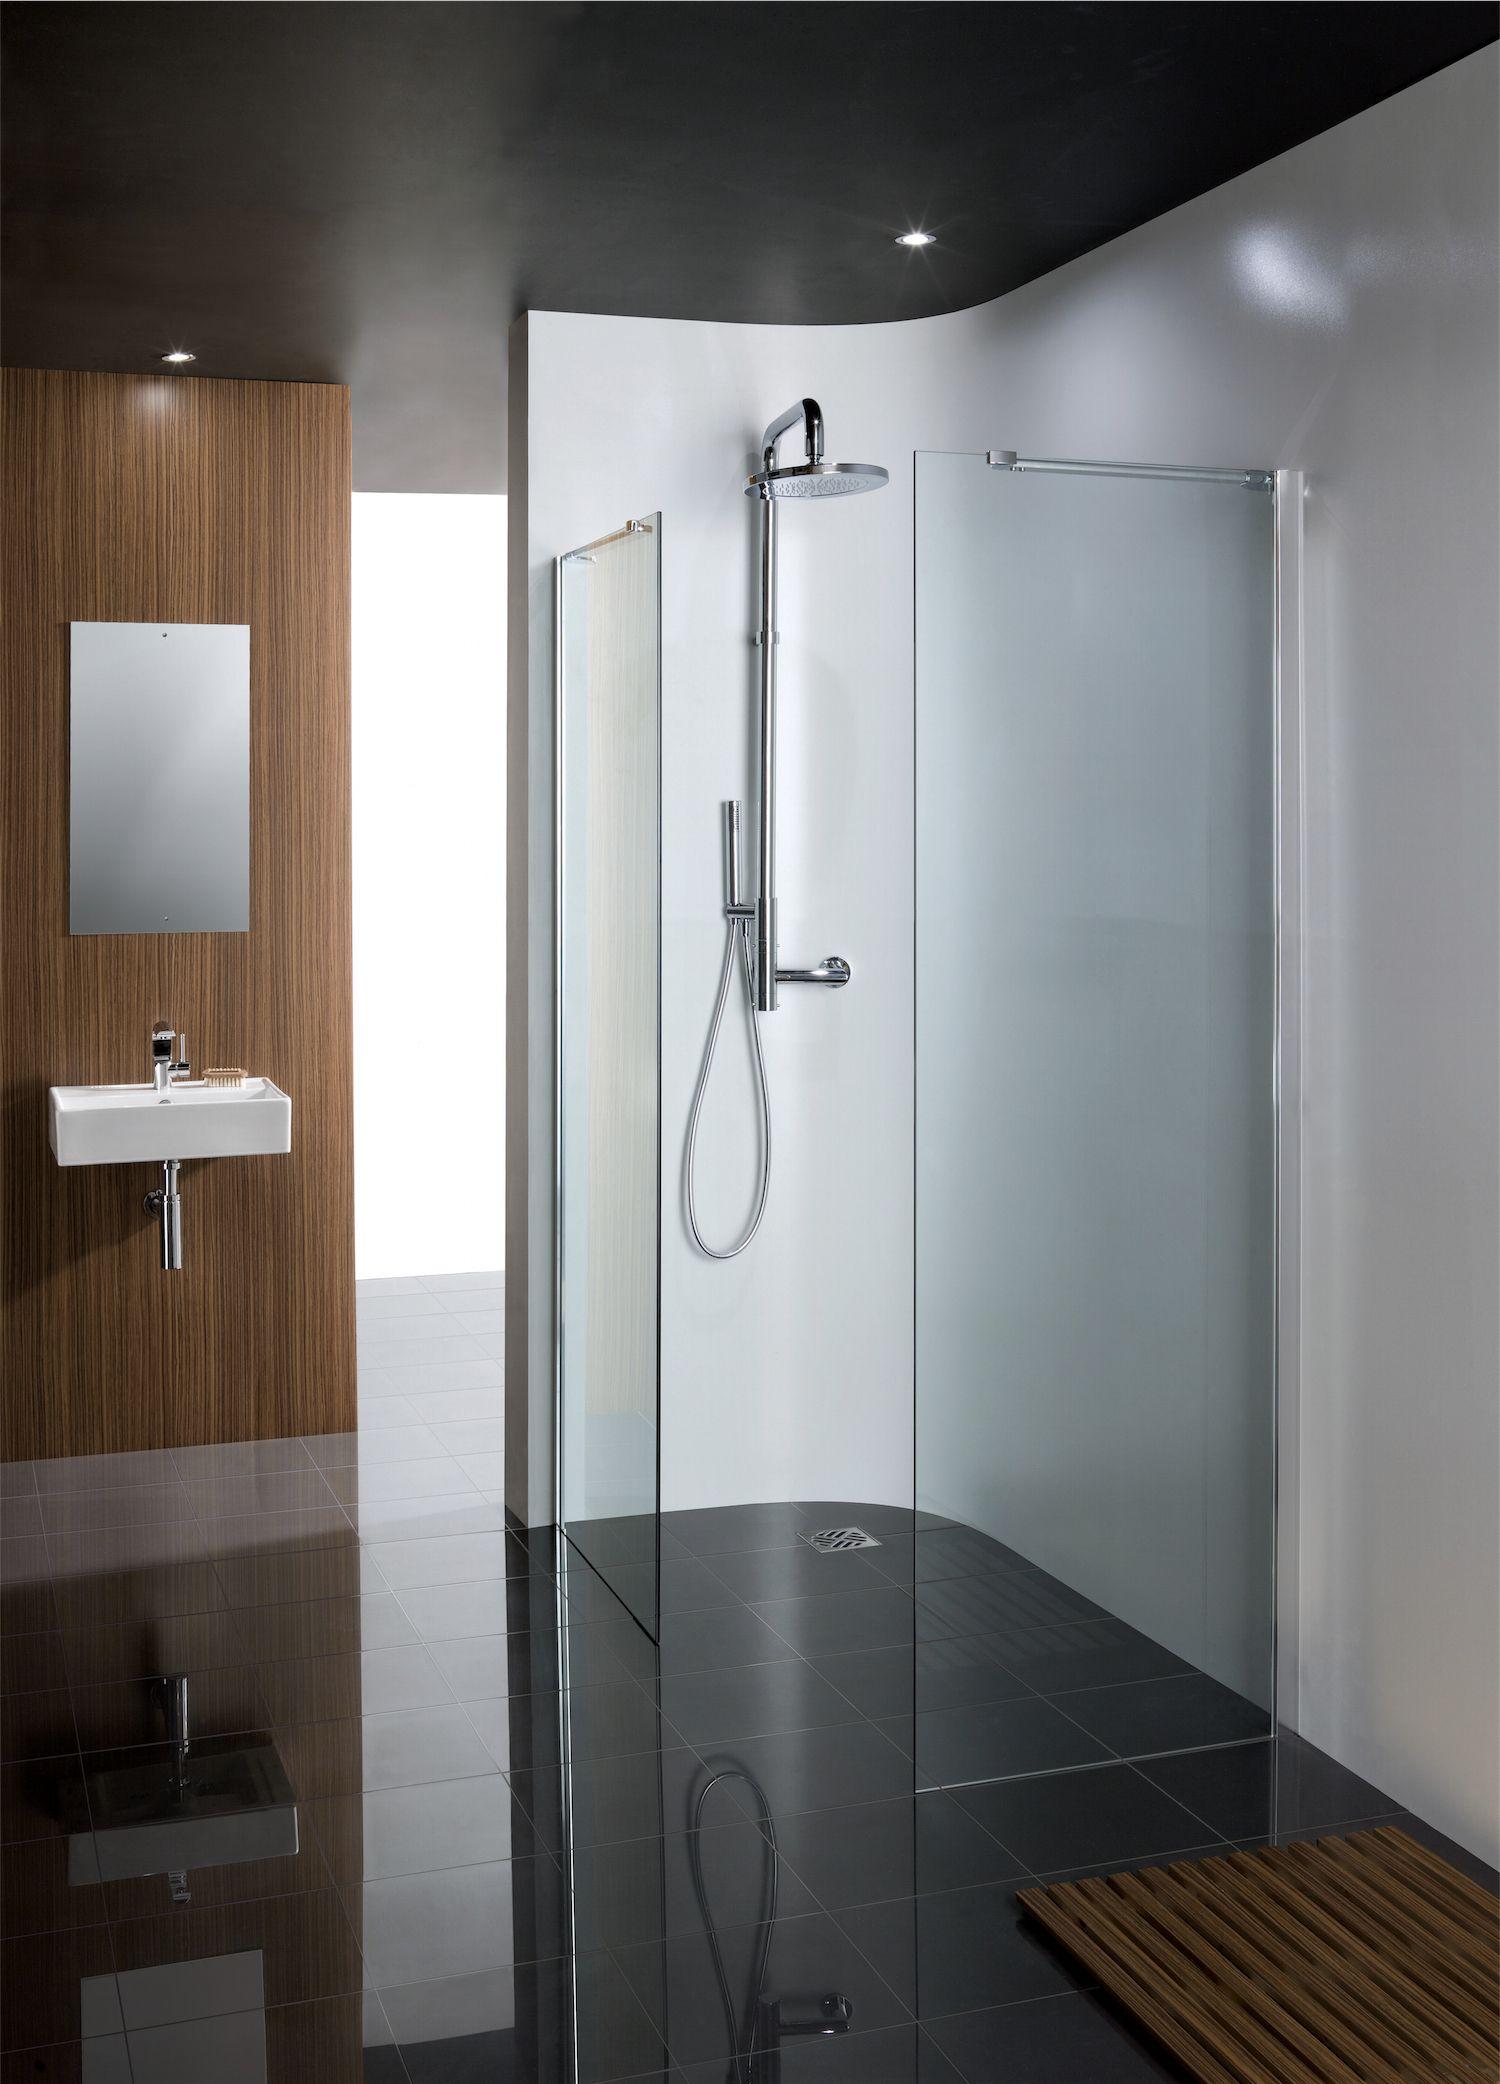 Design Semi-Frameless Walk In Shower Panel from Crosswater http ...